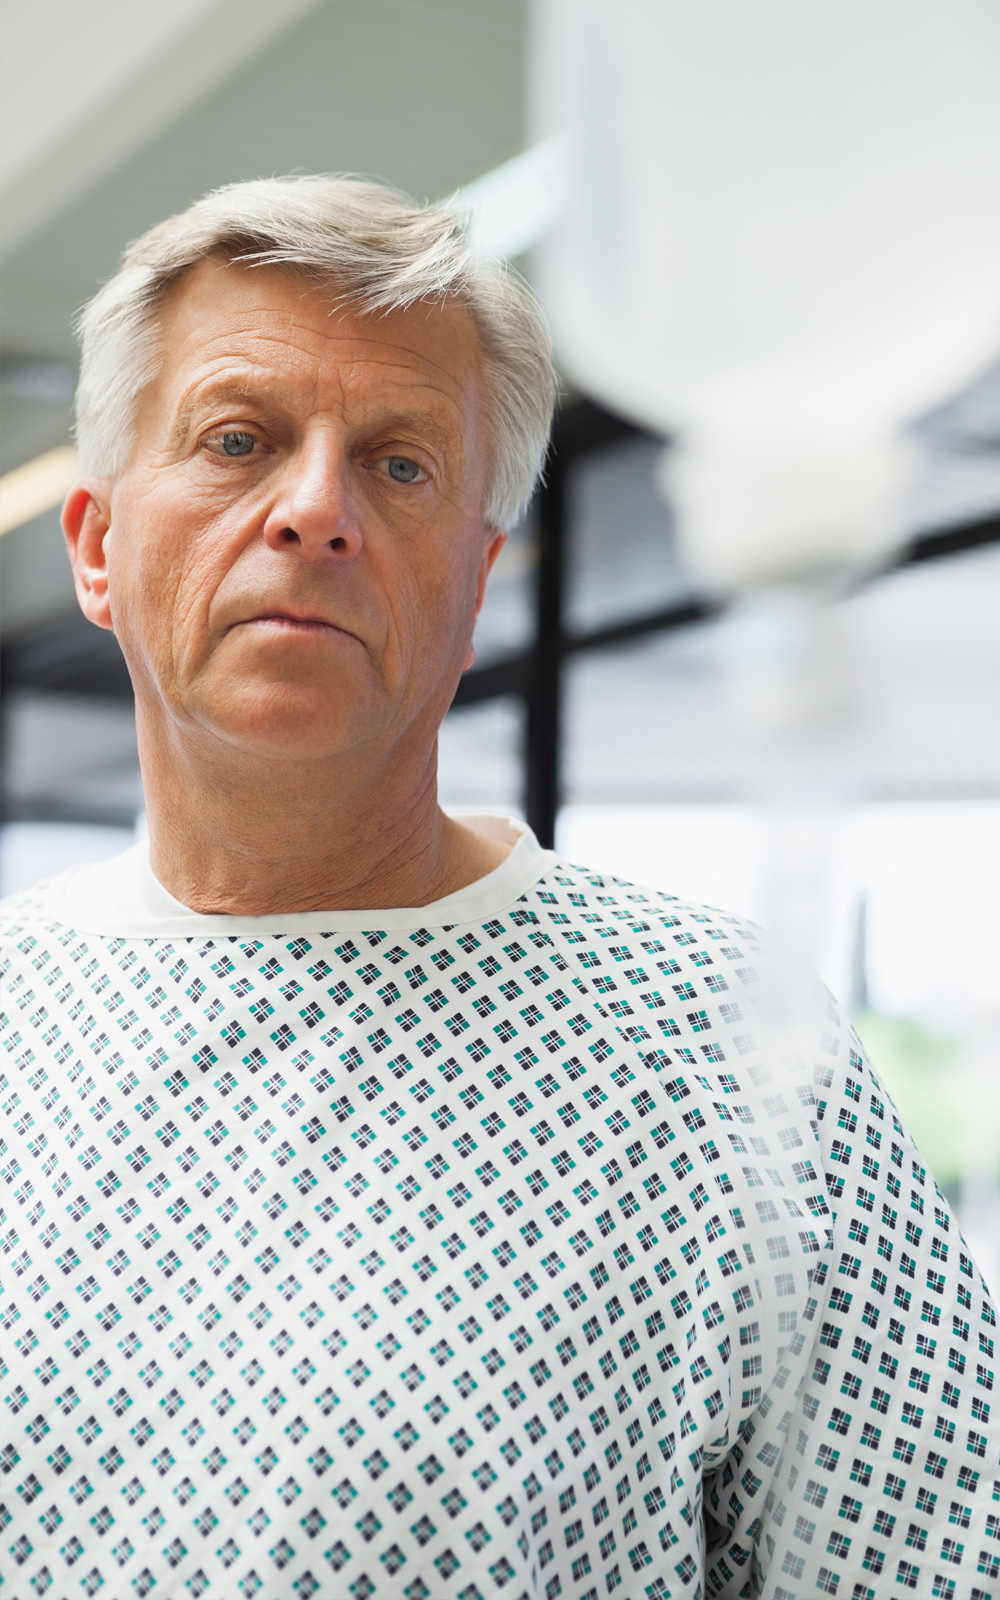 patient-gown-ar-3